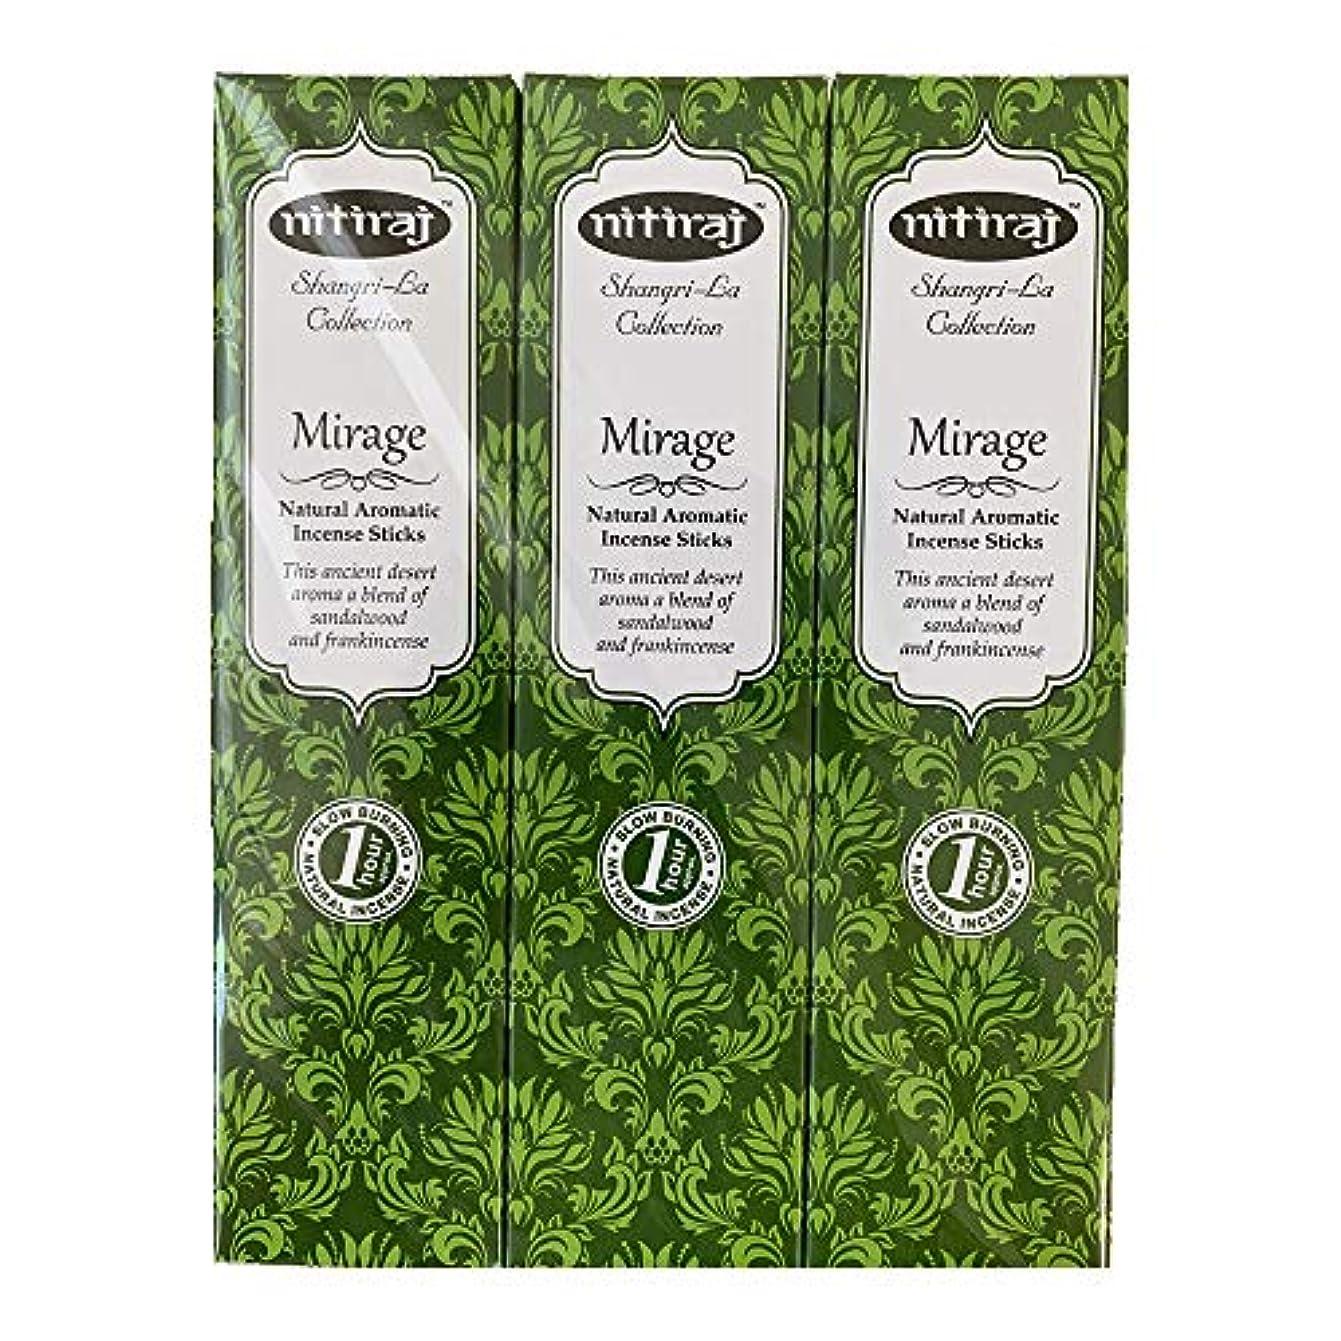 抽出平らにするセールスマンお香 アロマインセンス Nitiraj(ニティラジ)Mirage(蜃気楼) 3箱セット(1箱10本入り) スティック型 100%天然素材 正規輸入代理店